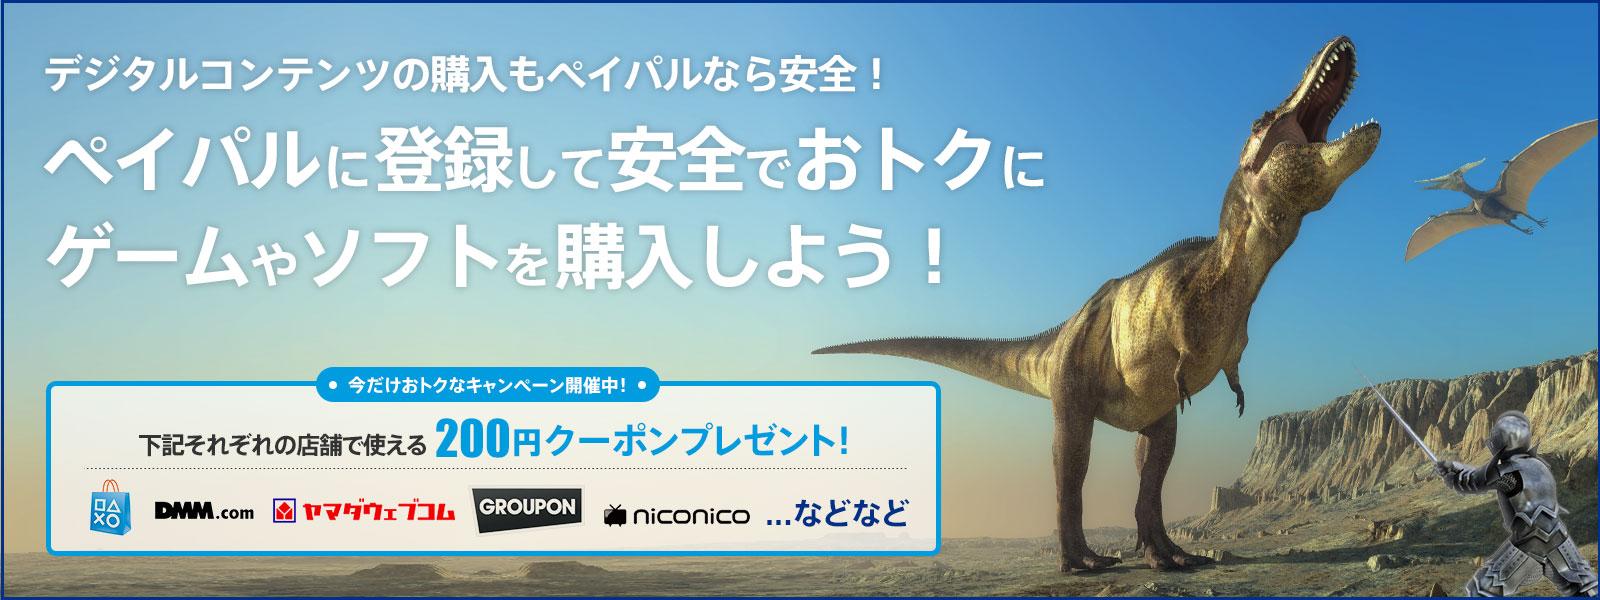 PaypalでDMM.com、グルーポン、PlayStationStore、ヤマダウェブコムなどで400円以上で使える200円引きクーポンを発行中。~1/15。